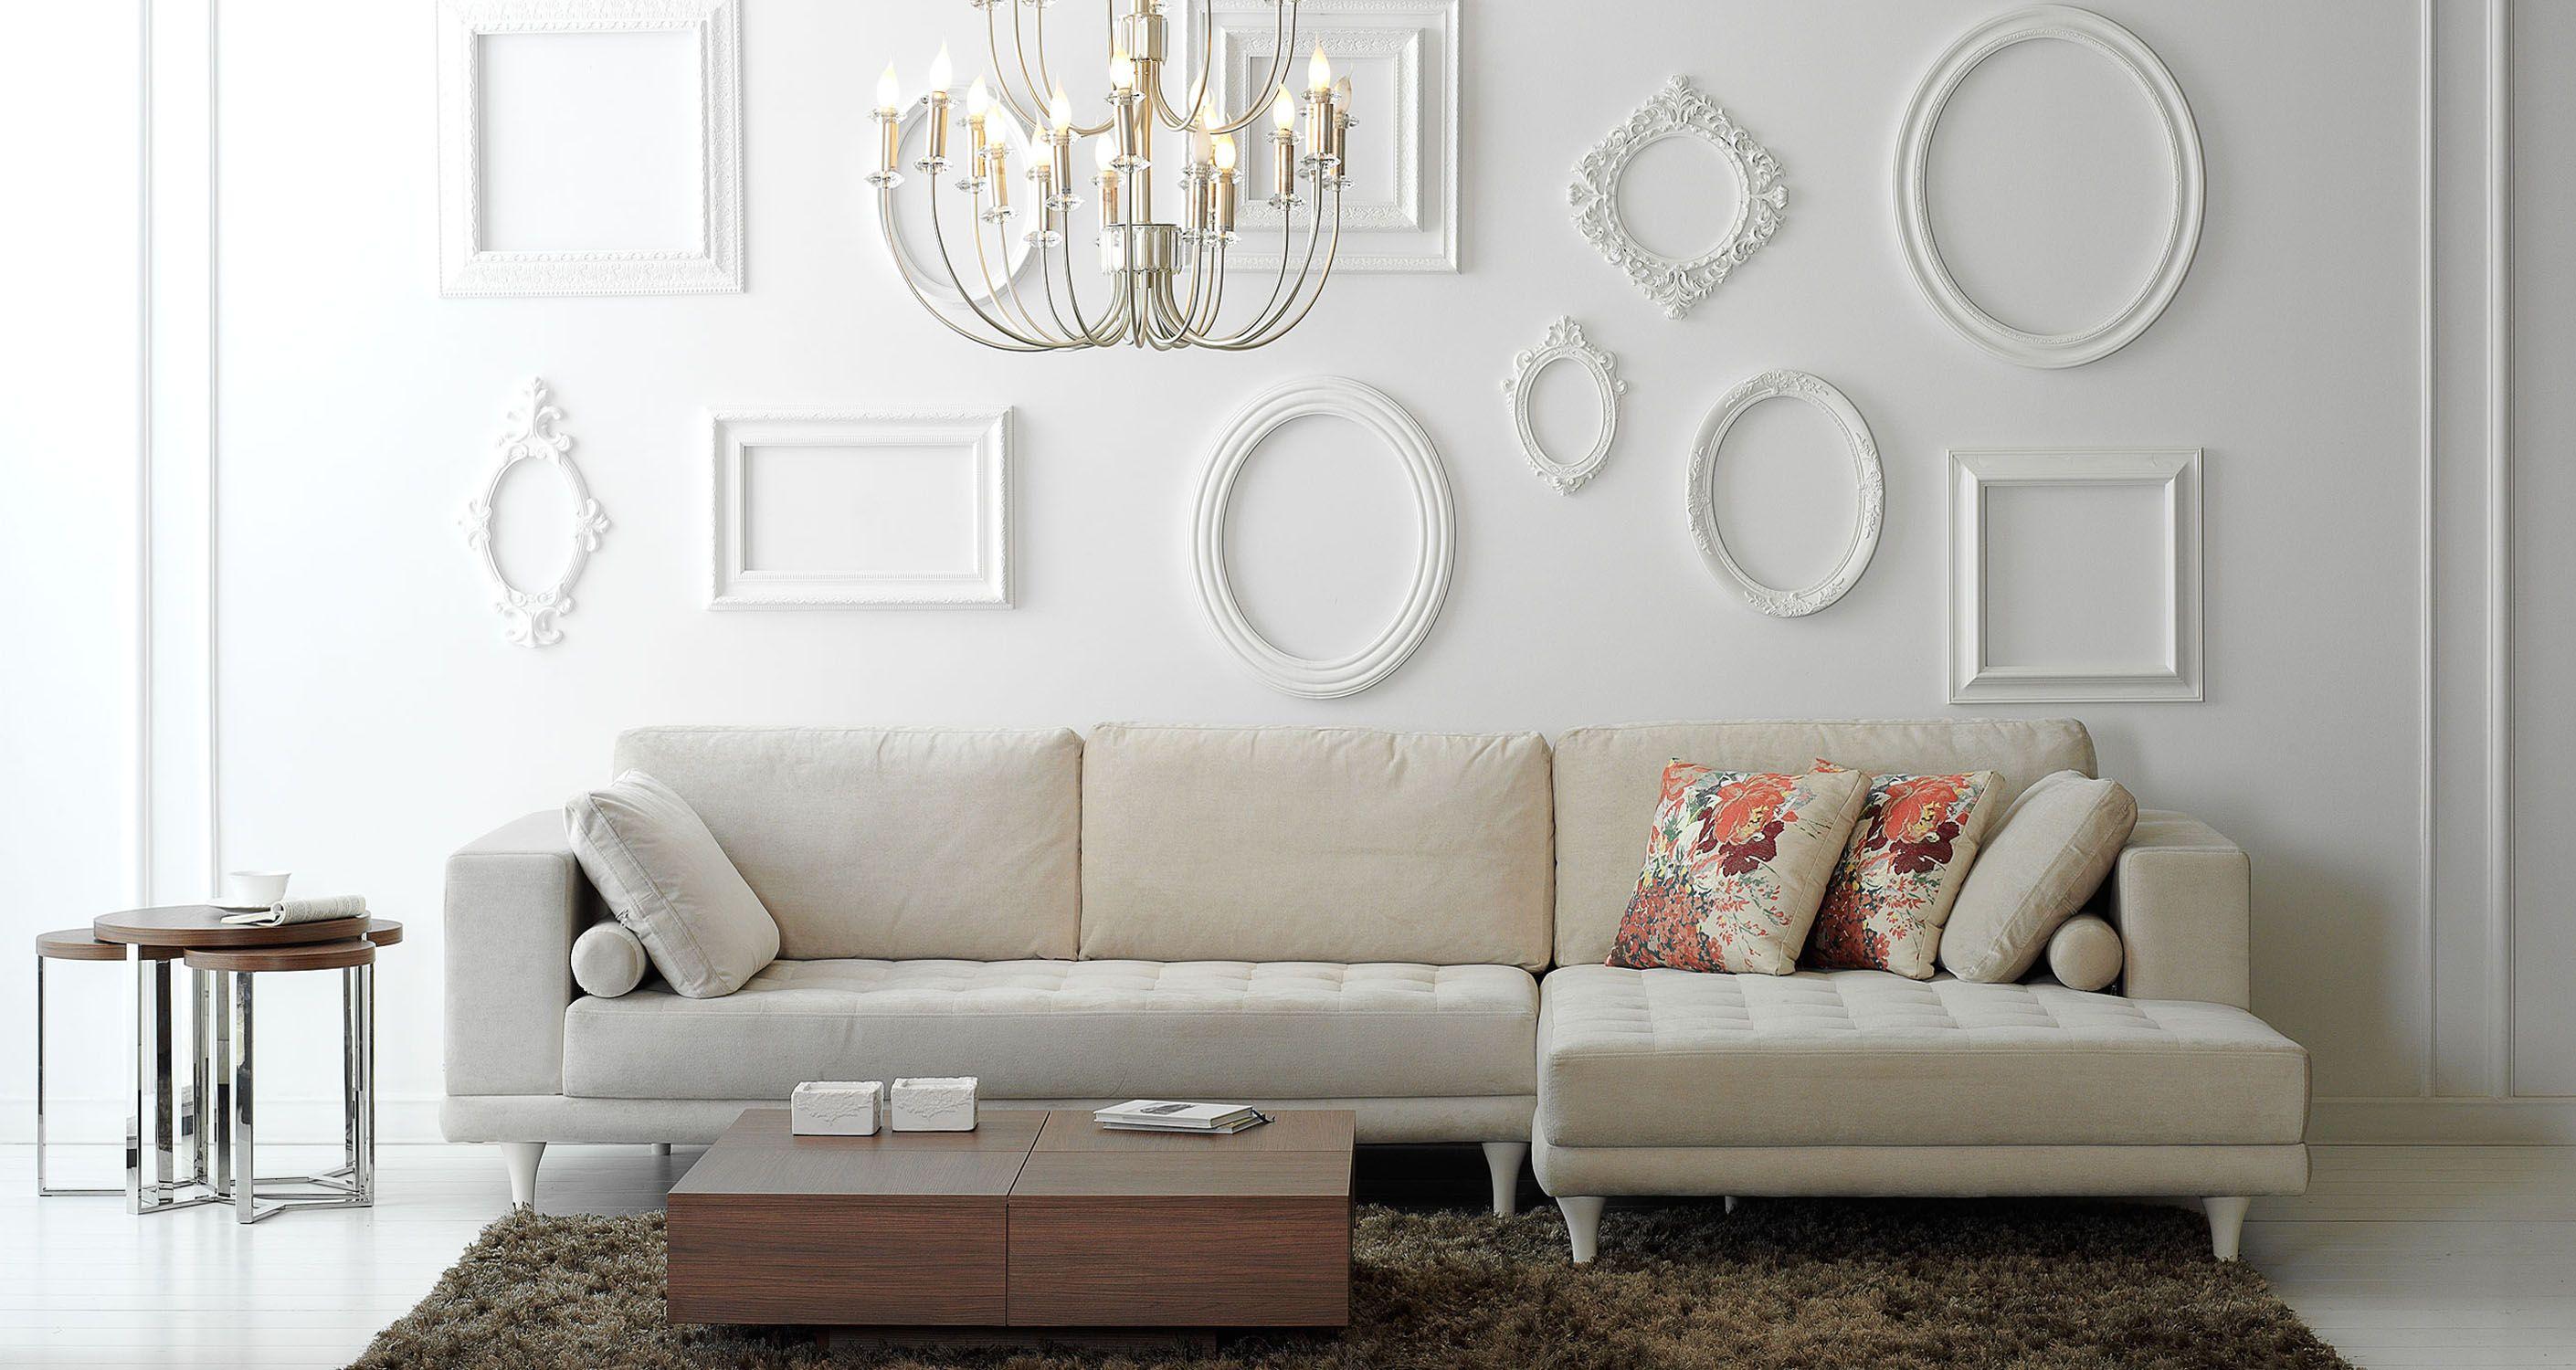 Lazzoni Koltuk Takimlari Mobilya Home Decor Home Paint